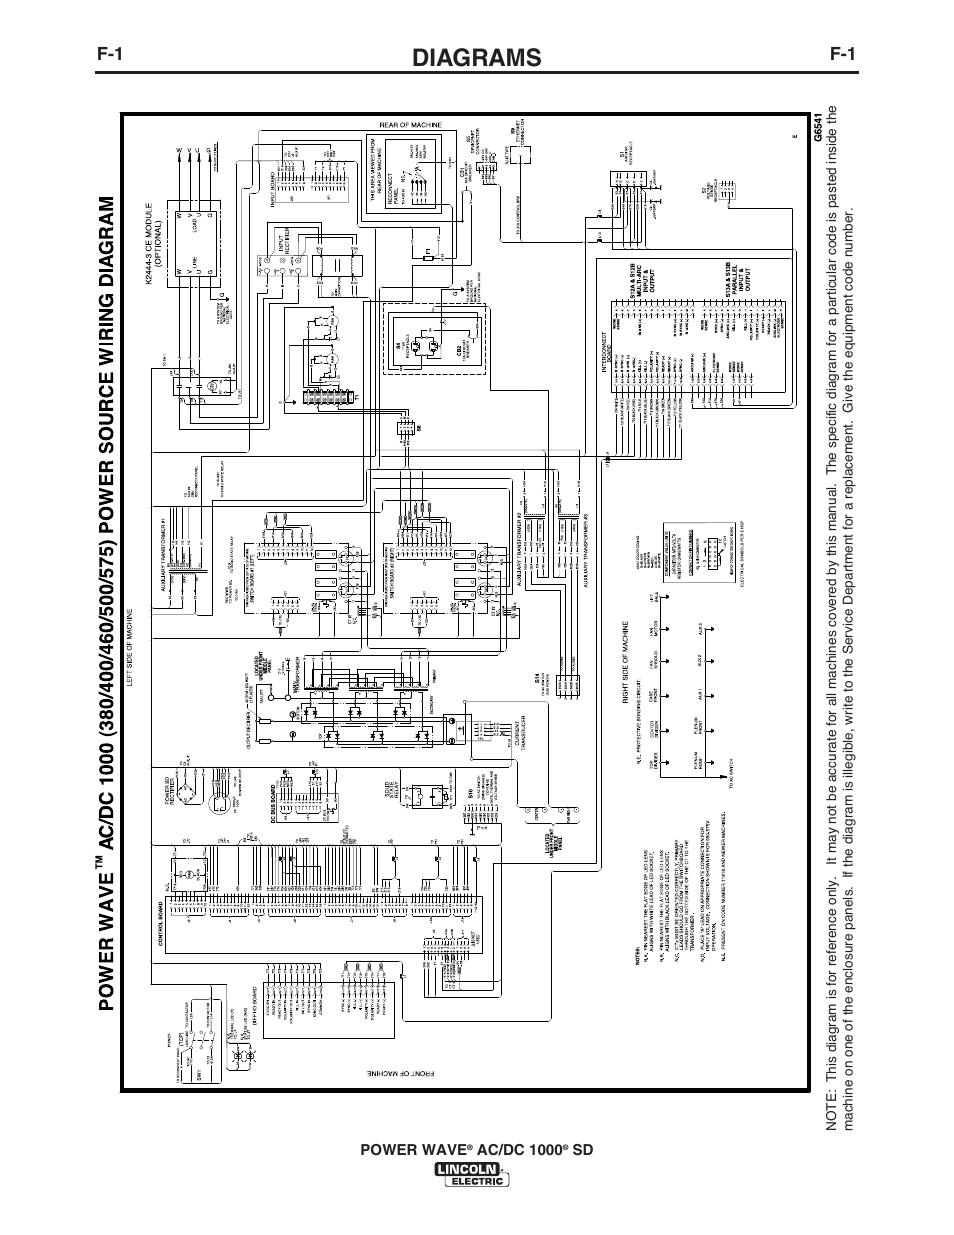 [WRG-1757] 1998 Navigator Wiring Diagram